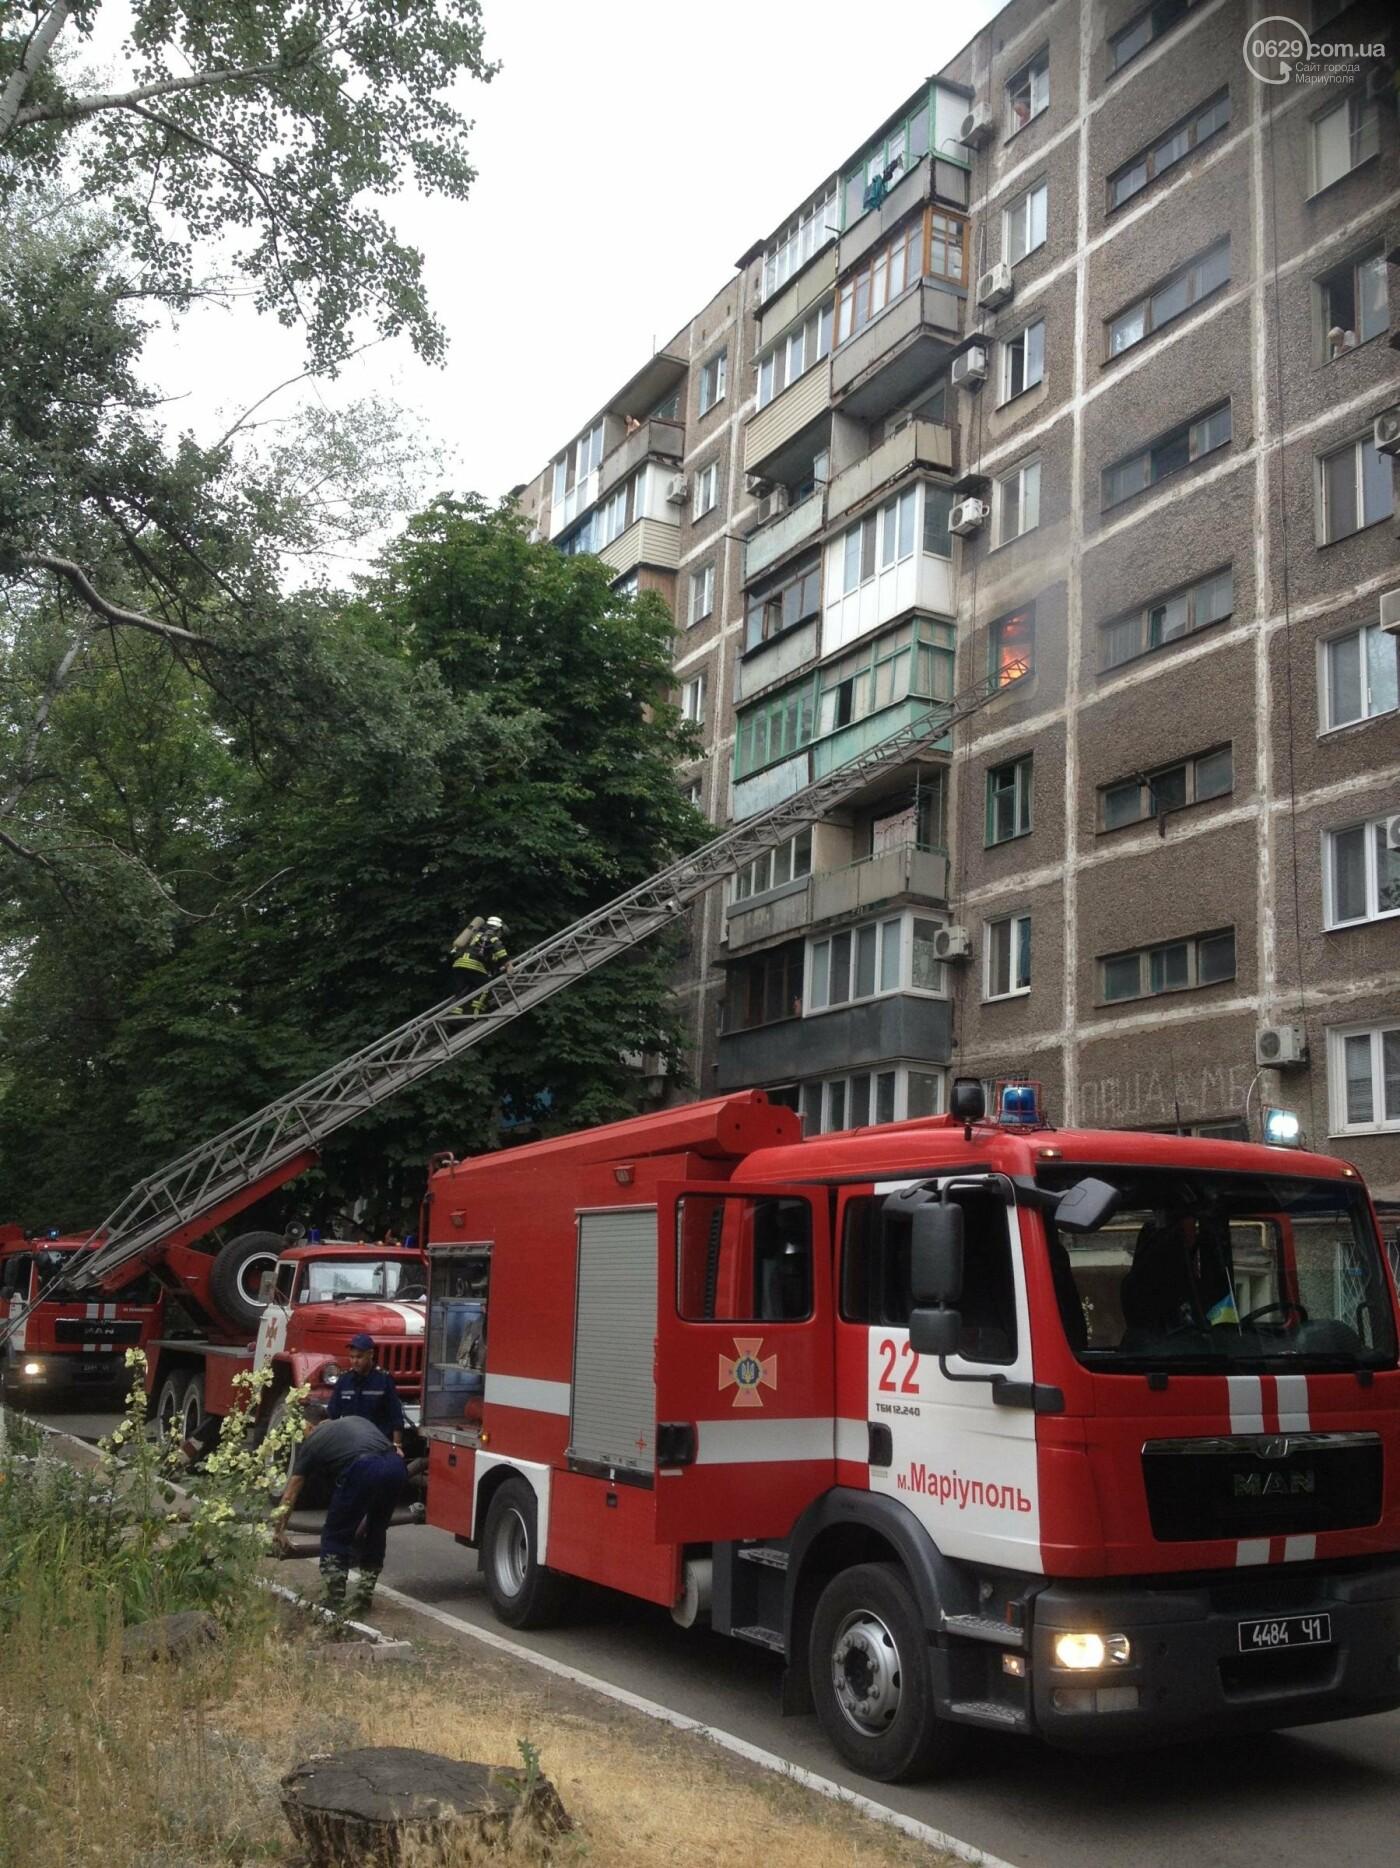 В Мариуполе сгорела однокомнатная квартира, - ФОТО, фото-3